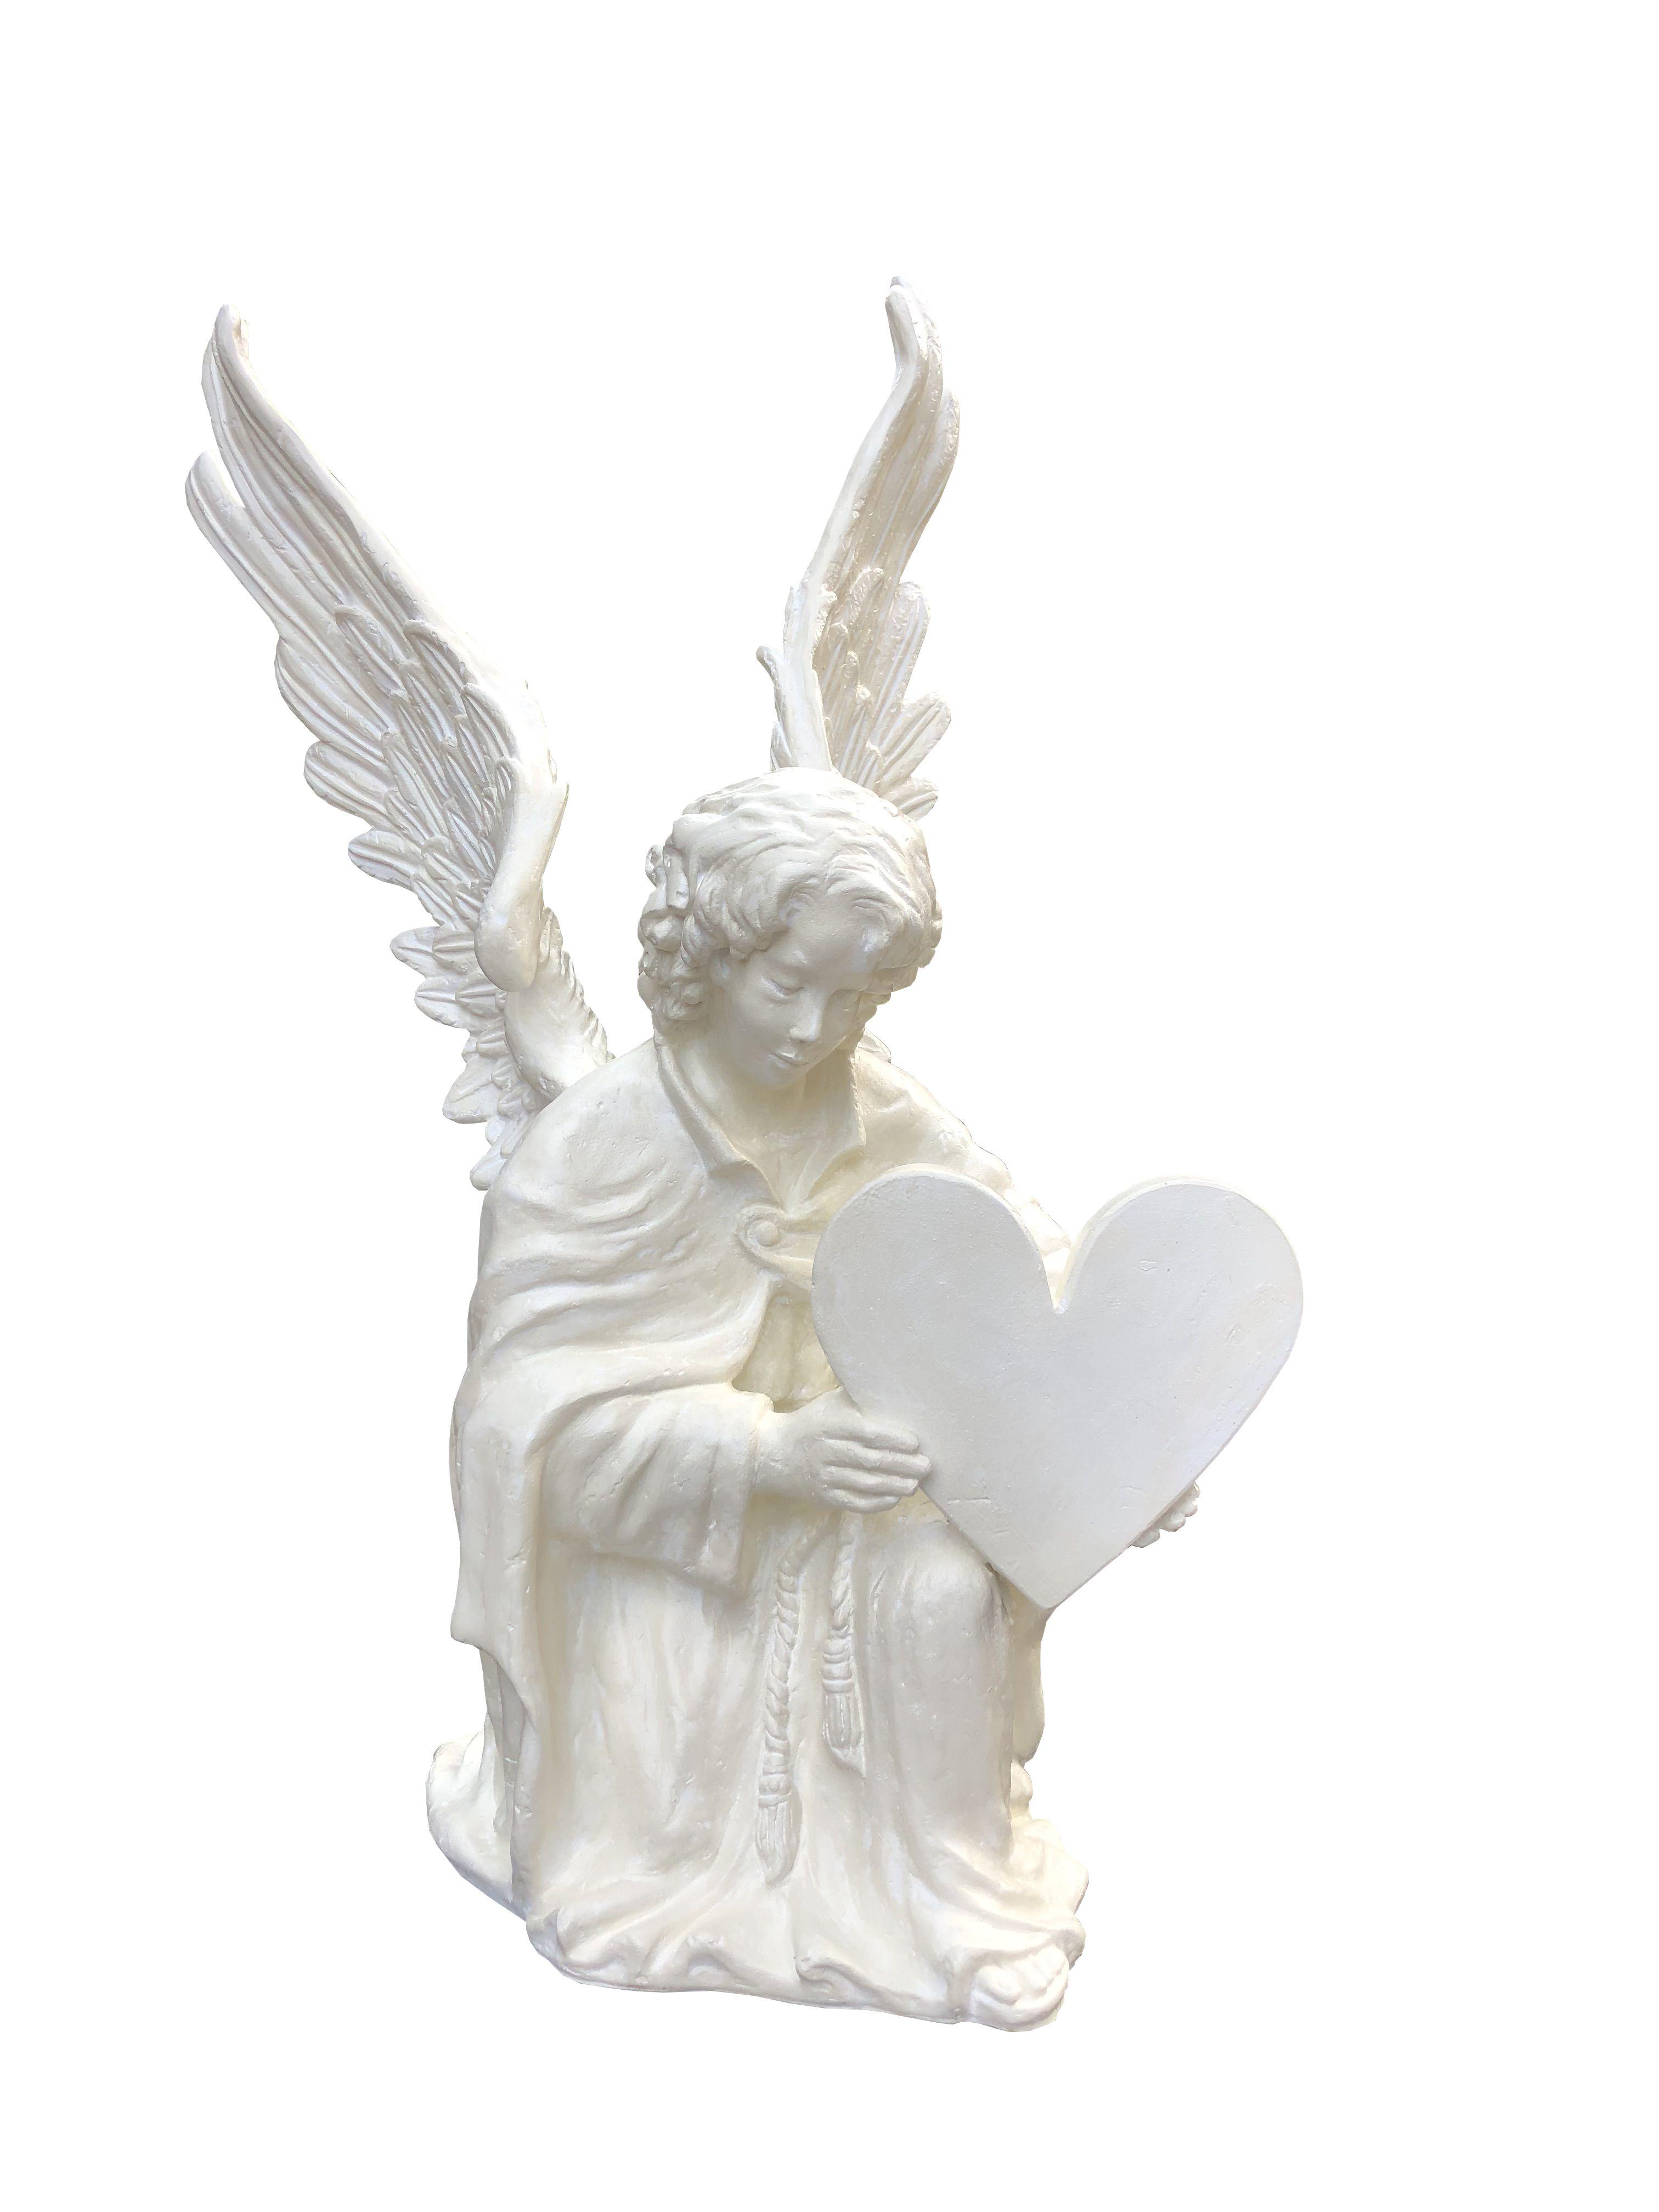 Aniol kleczacy z serduszkiem - rzeźba nagrobkowa